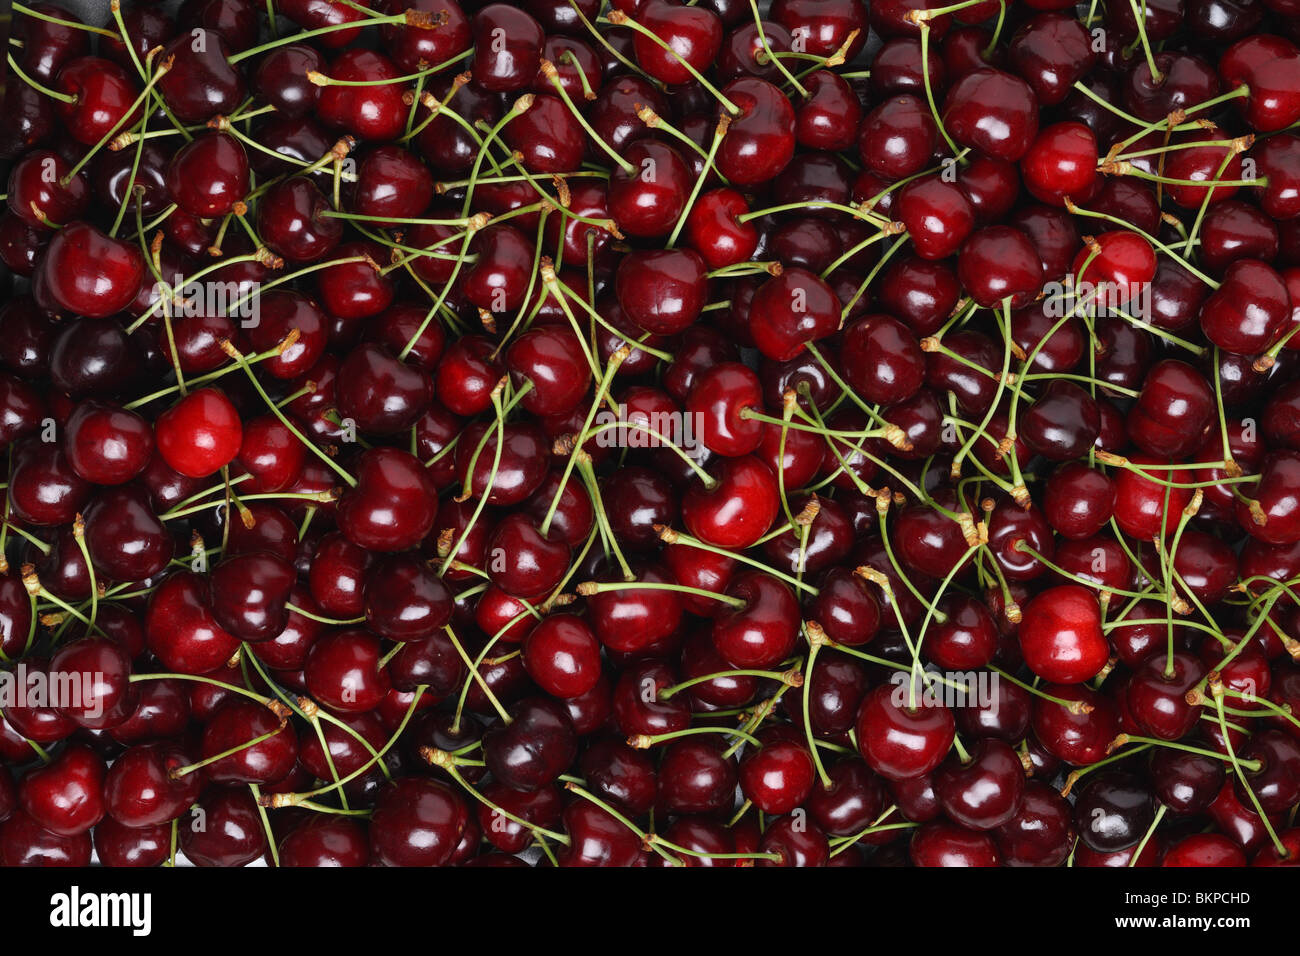 Background texture of fresh bing cherries - Stock Image